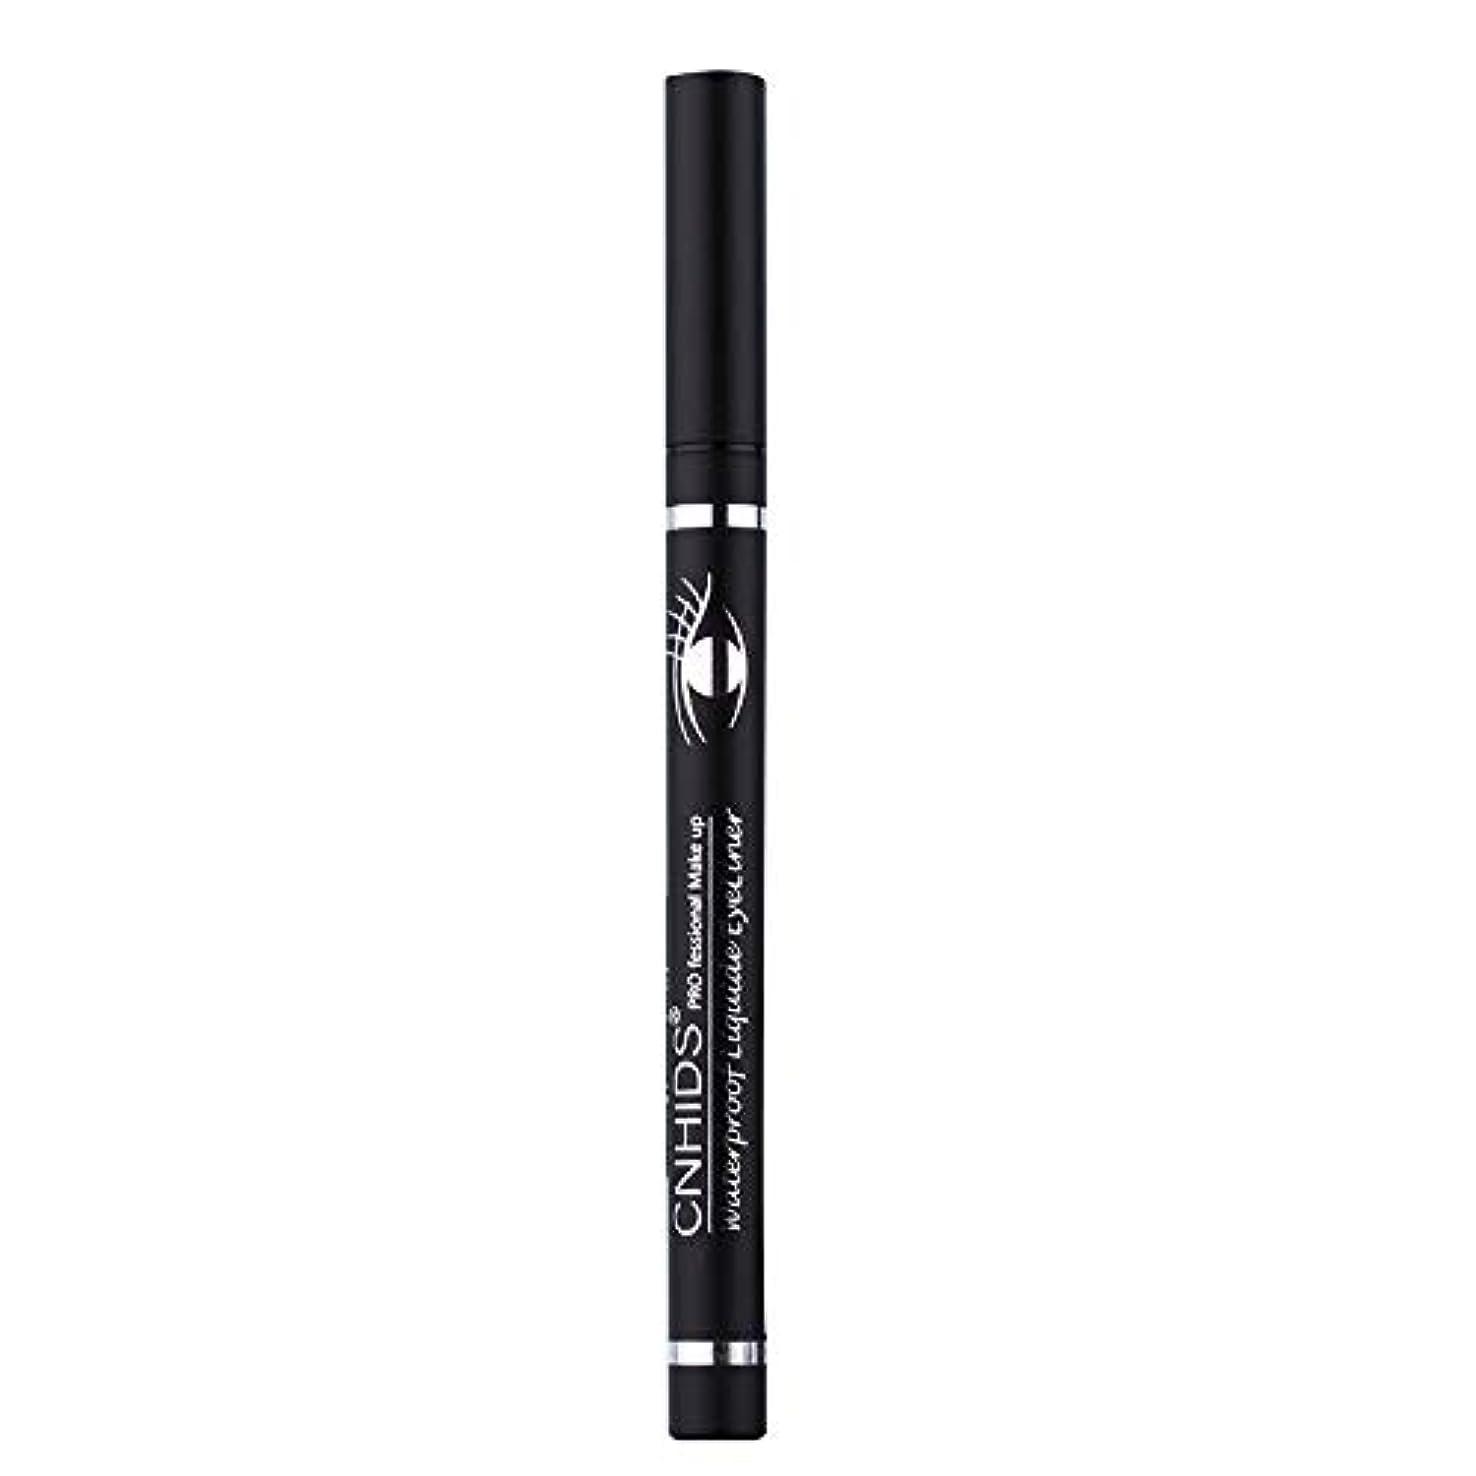 蒸留する覆す着る新しい防水美容メイク化粧品アイライナーペンシルブラックリキッドアイライナーペン